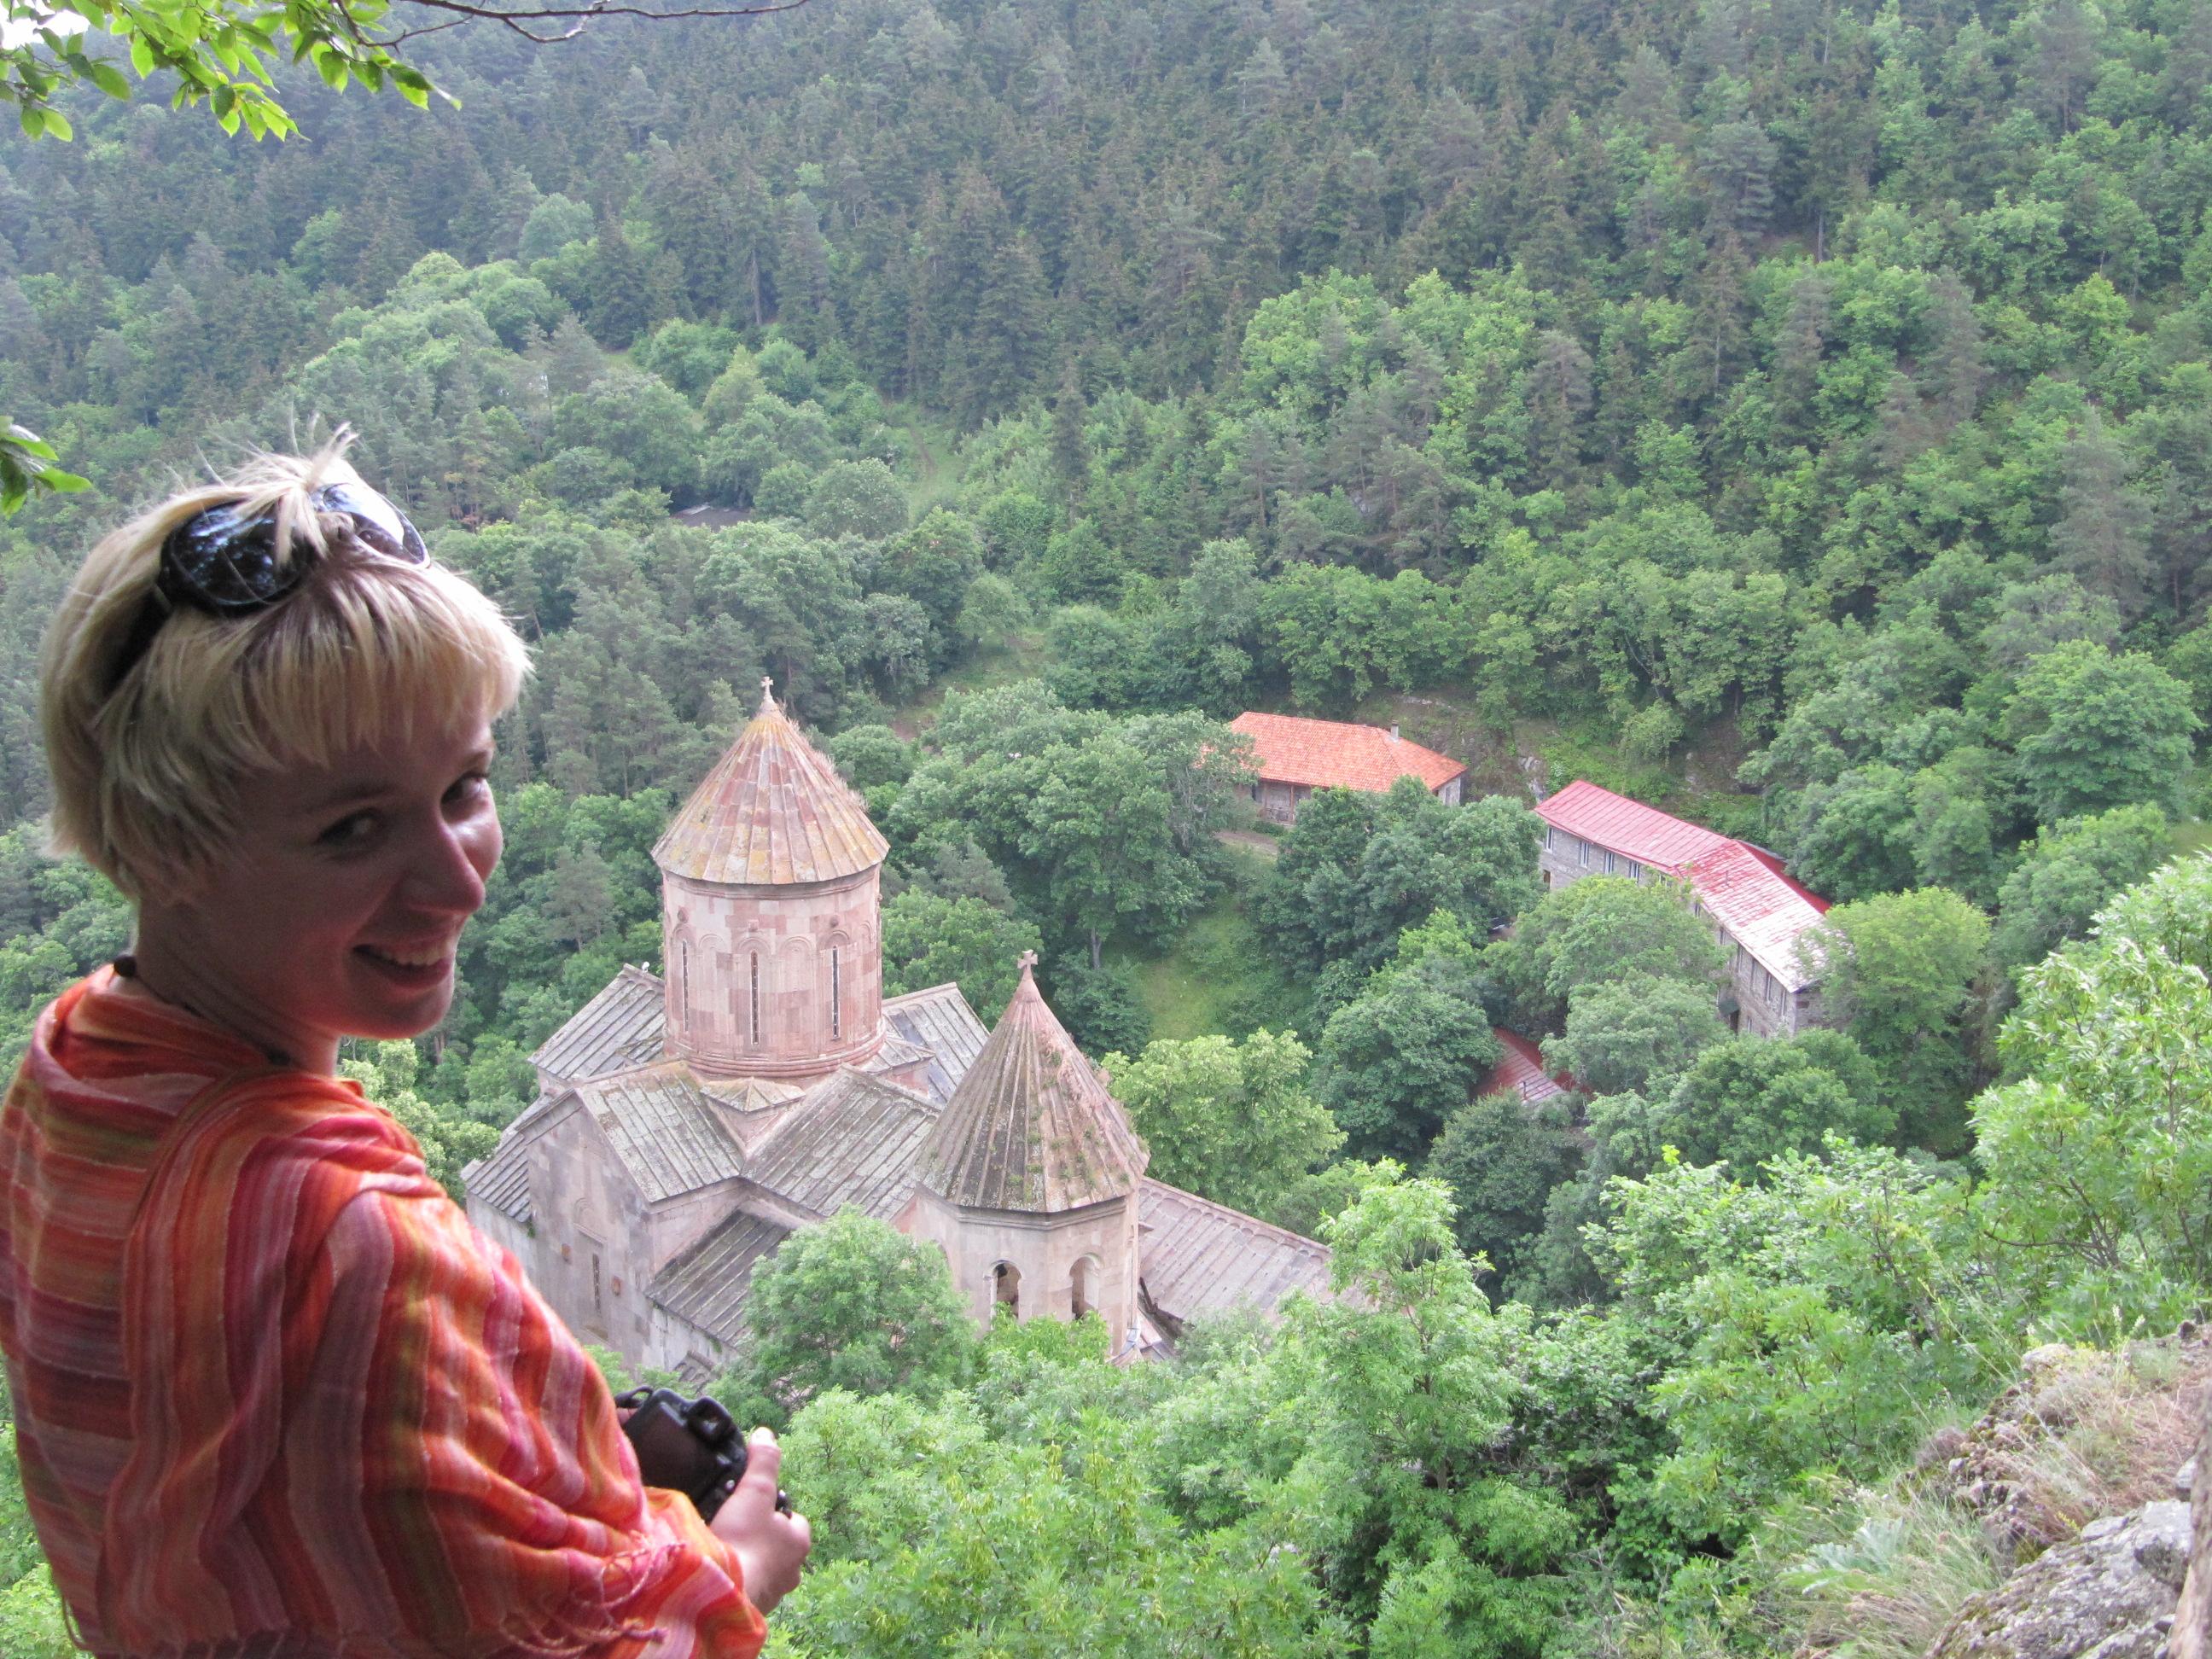 Gruzja, kobiety w Gruzji, Martyna Skura, blog podróżniczy